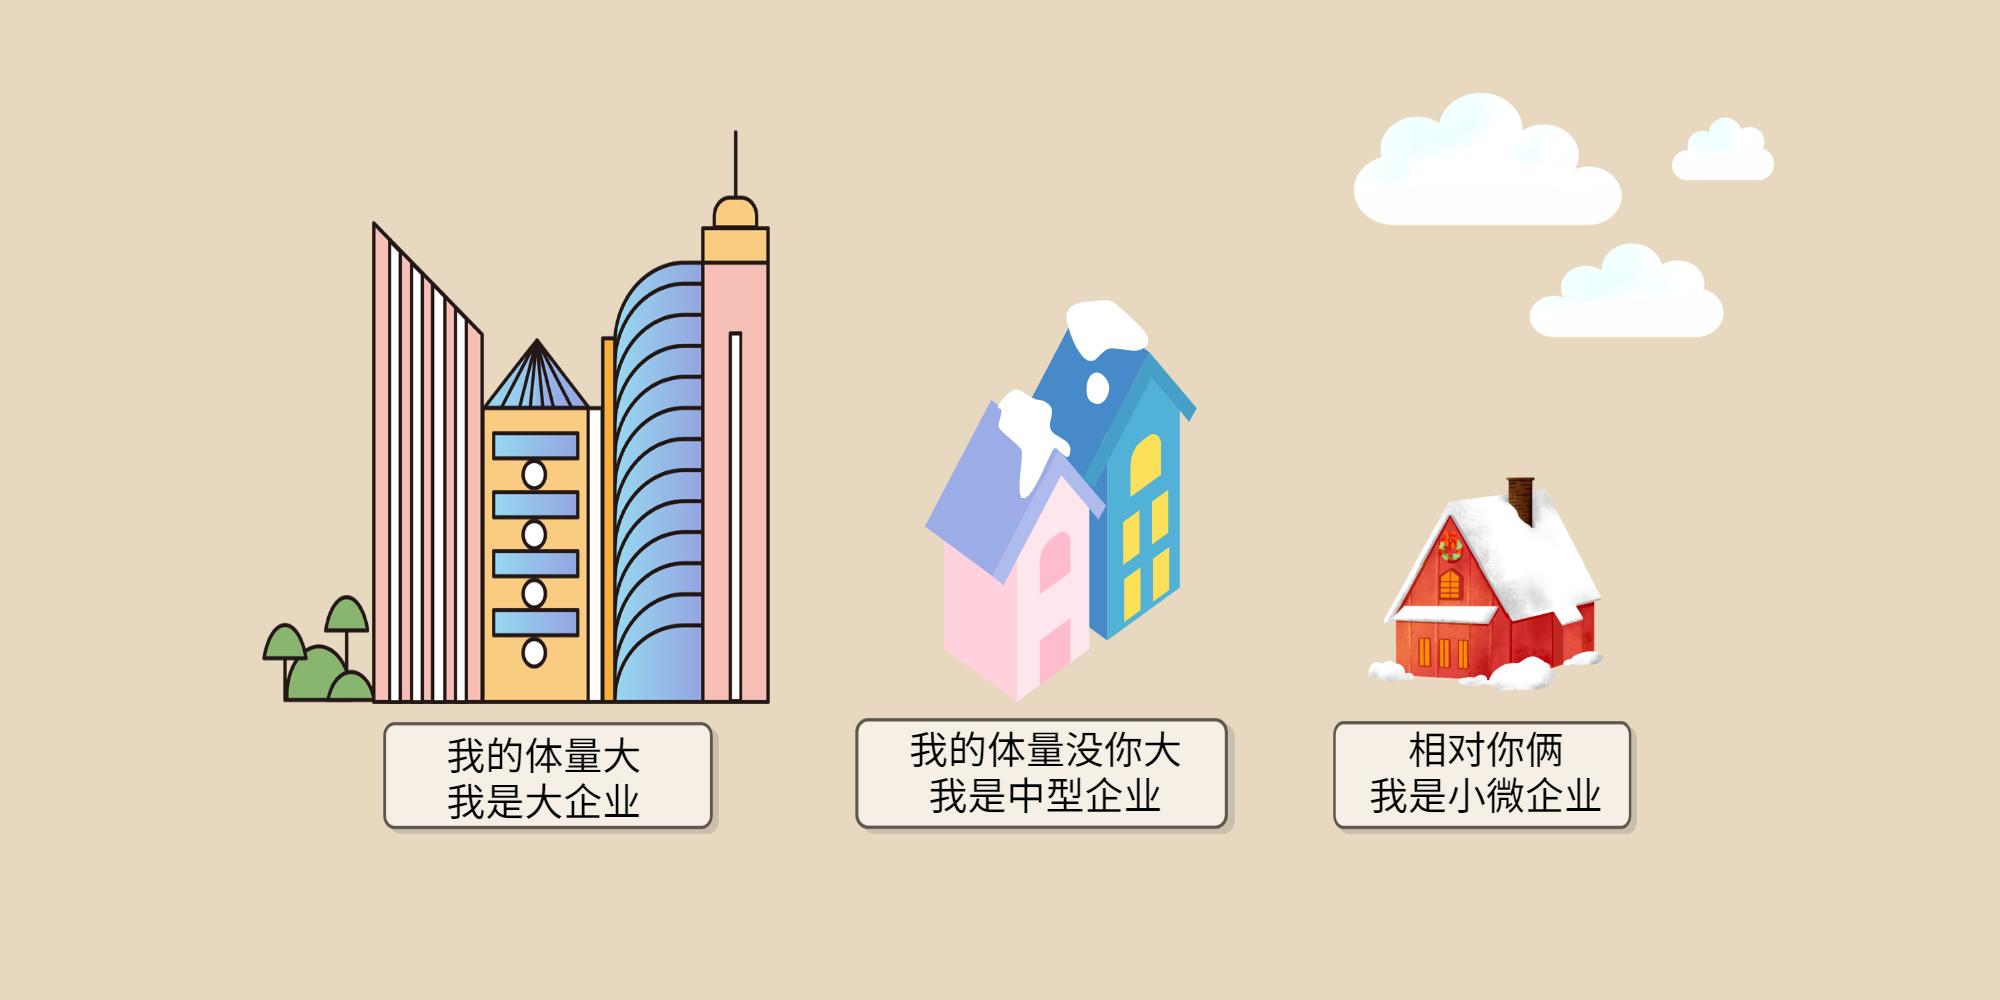 【知识贴】小微企业和小型微利企业的区别